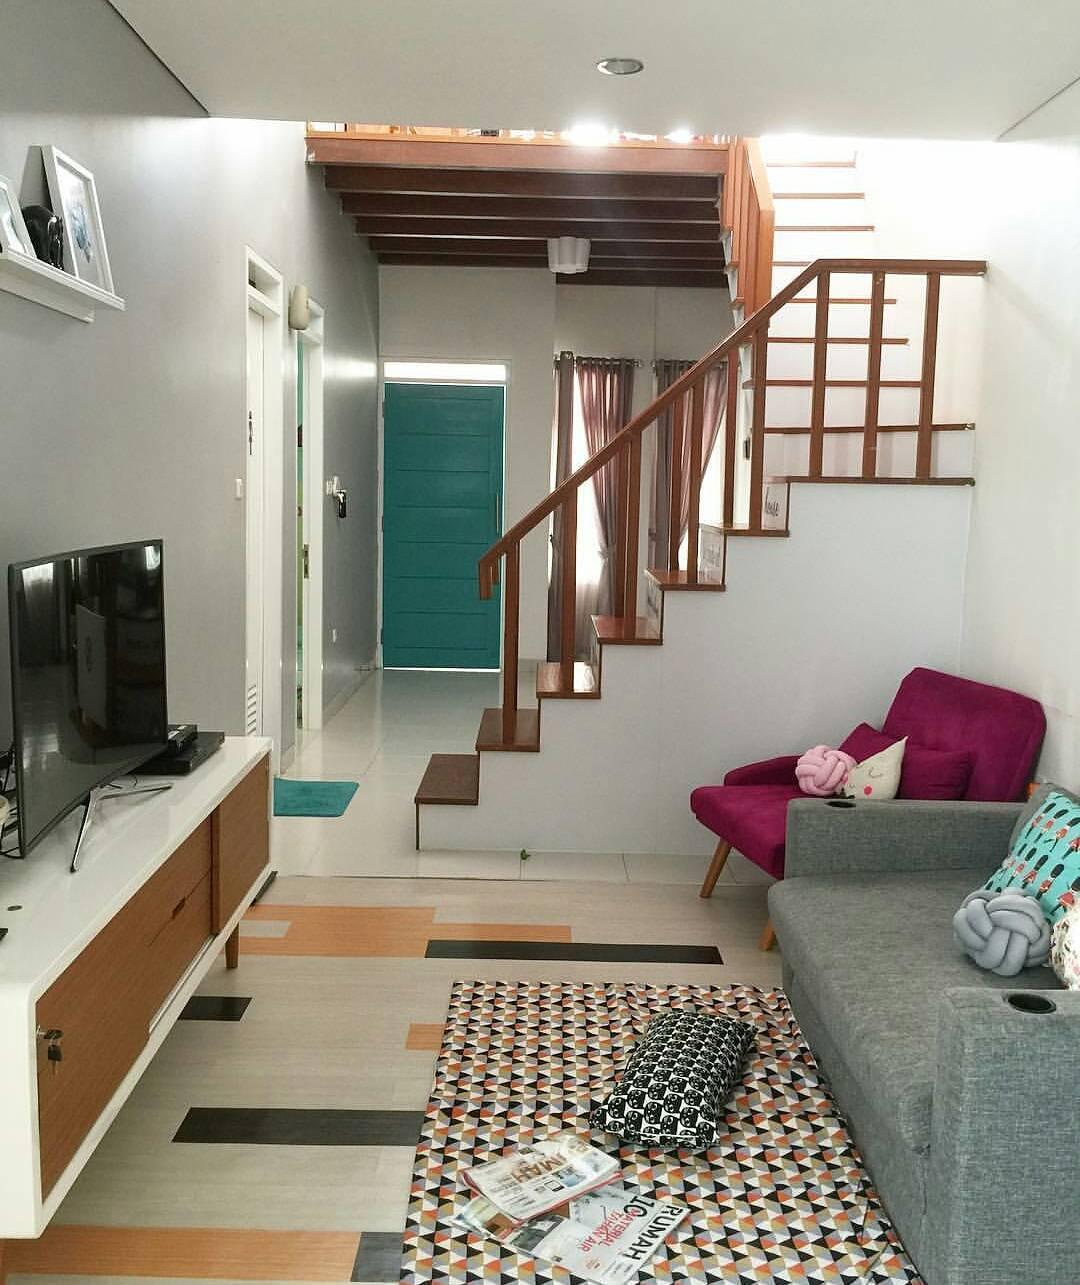 ceria dengan sofa yang sederhana » Berkumpul dengan Keluarga Akan Lebih Bermakna di Ruangan yang Penuh Cinta